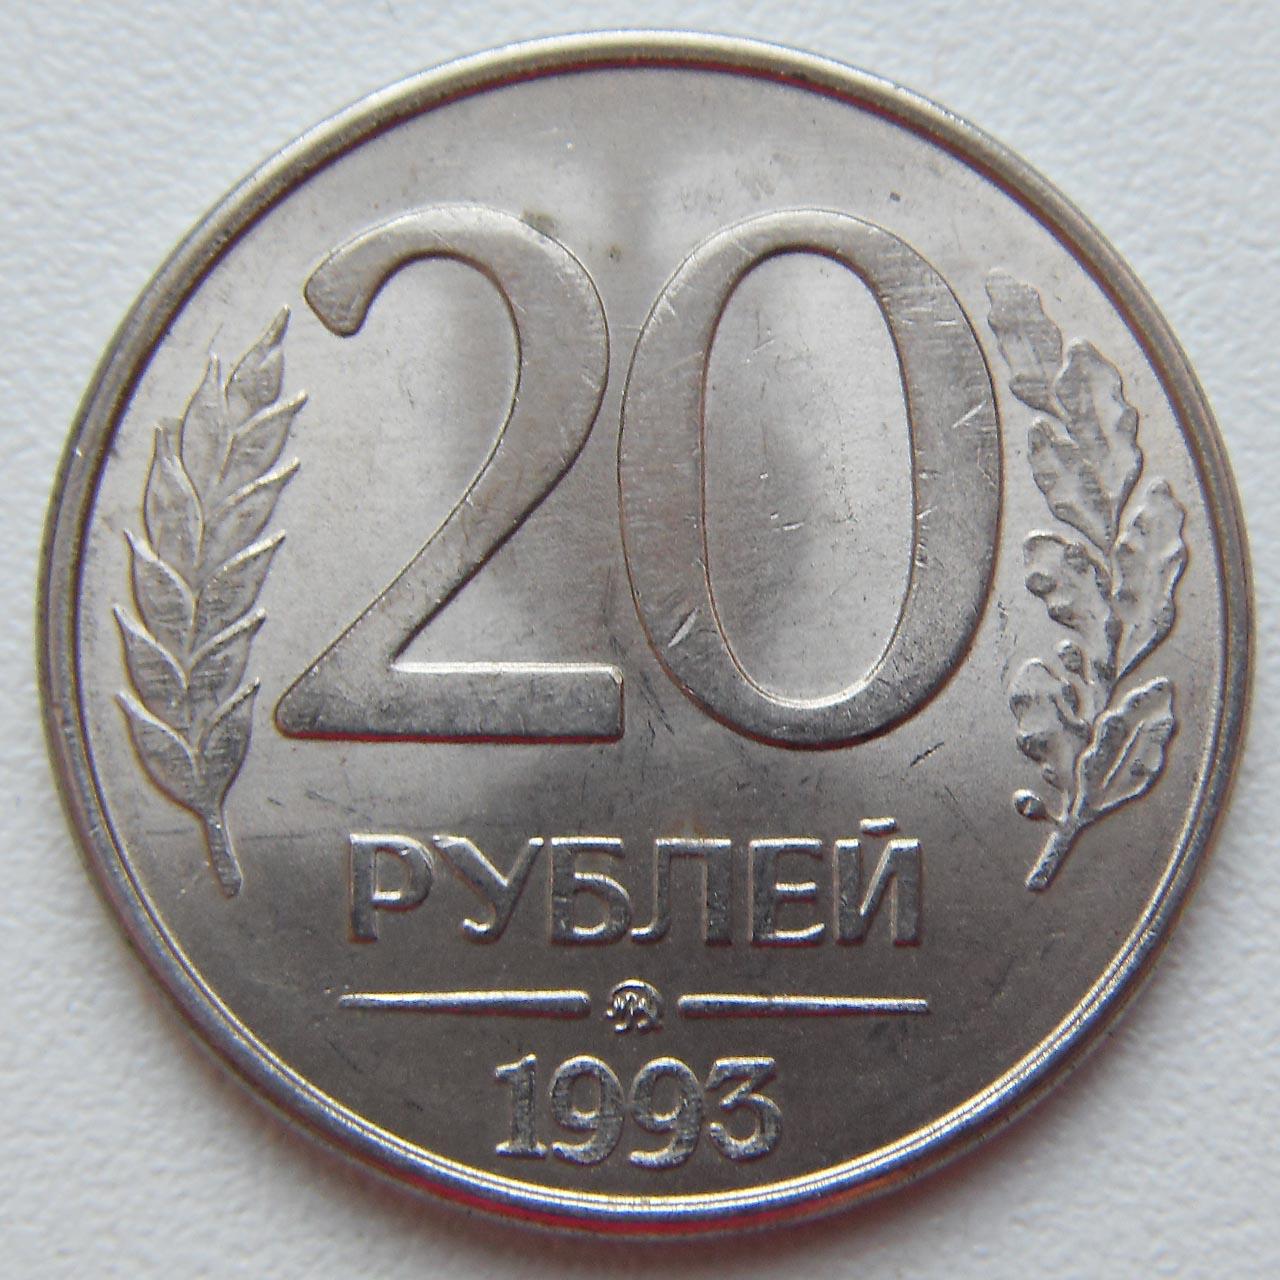 20 рублей 1993 лмд магнитная нумизматы в улан удэ